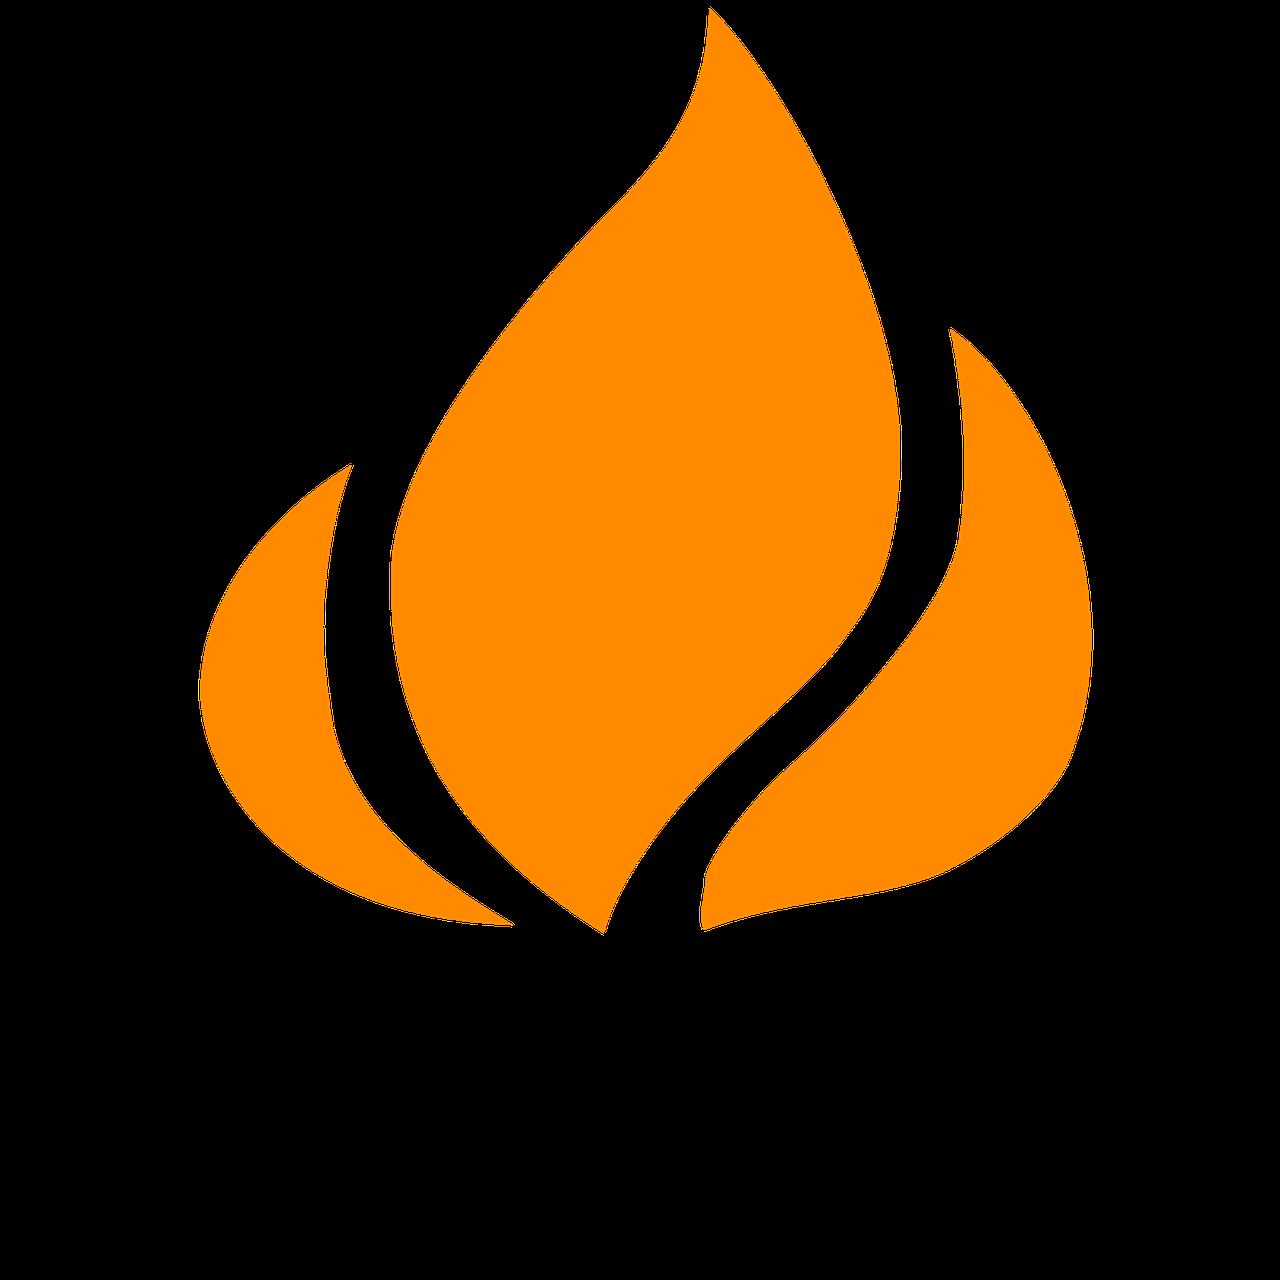 fire, icon, make fire